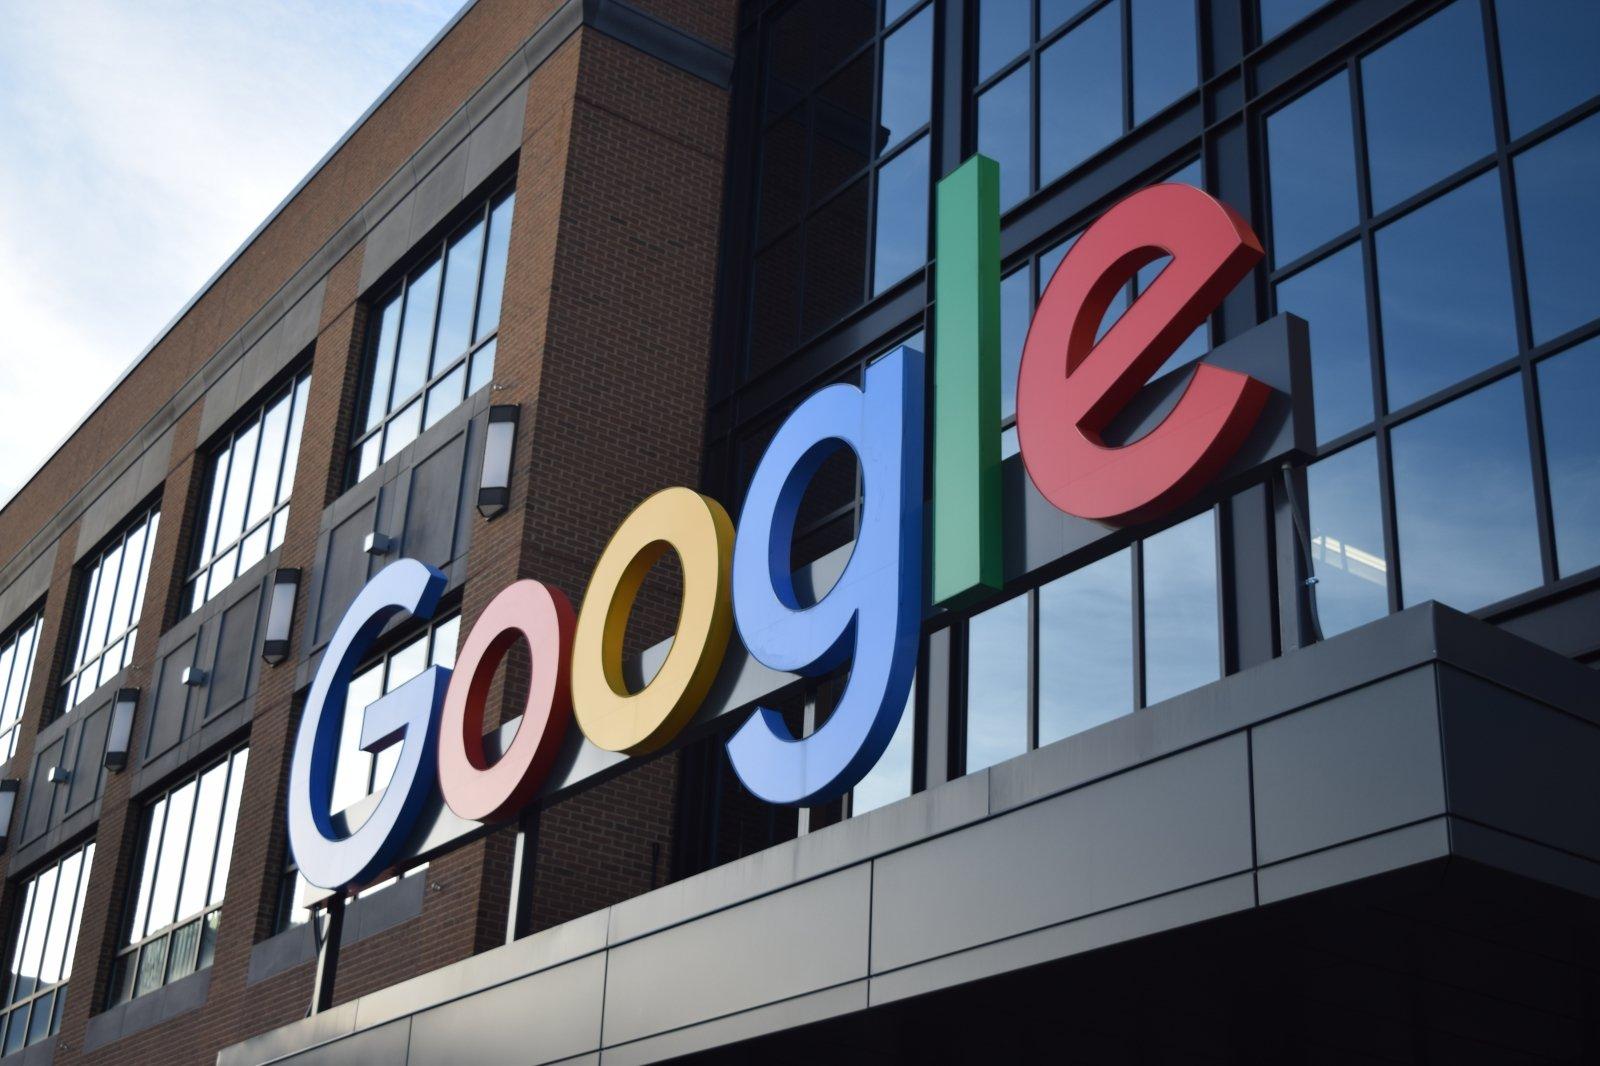 kokias akcijų opcijas gauna google darbuotojai